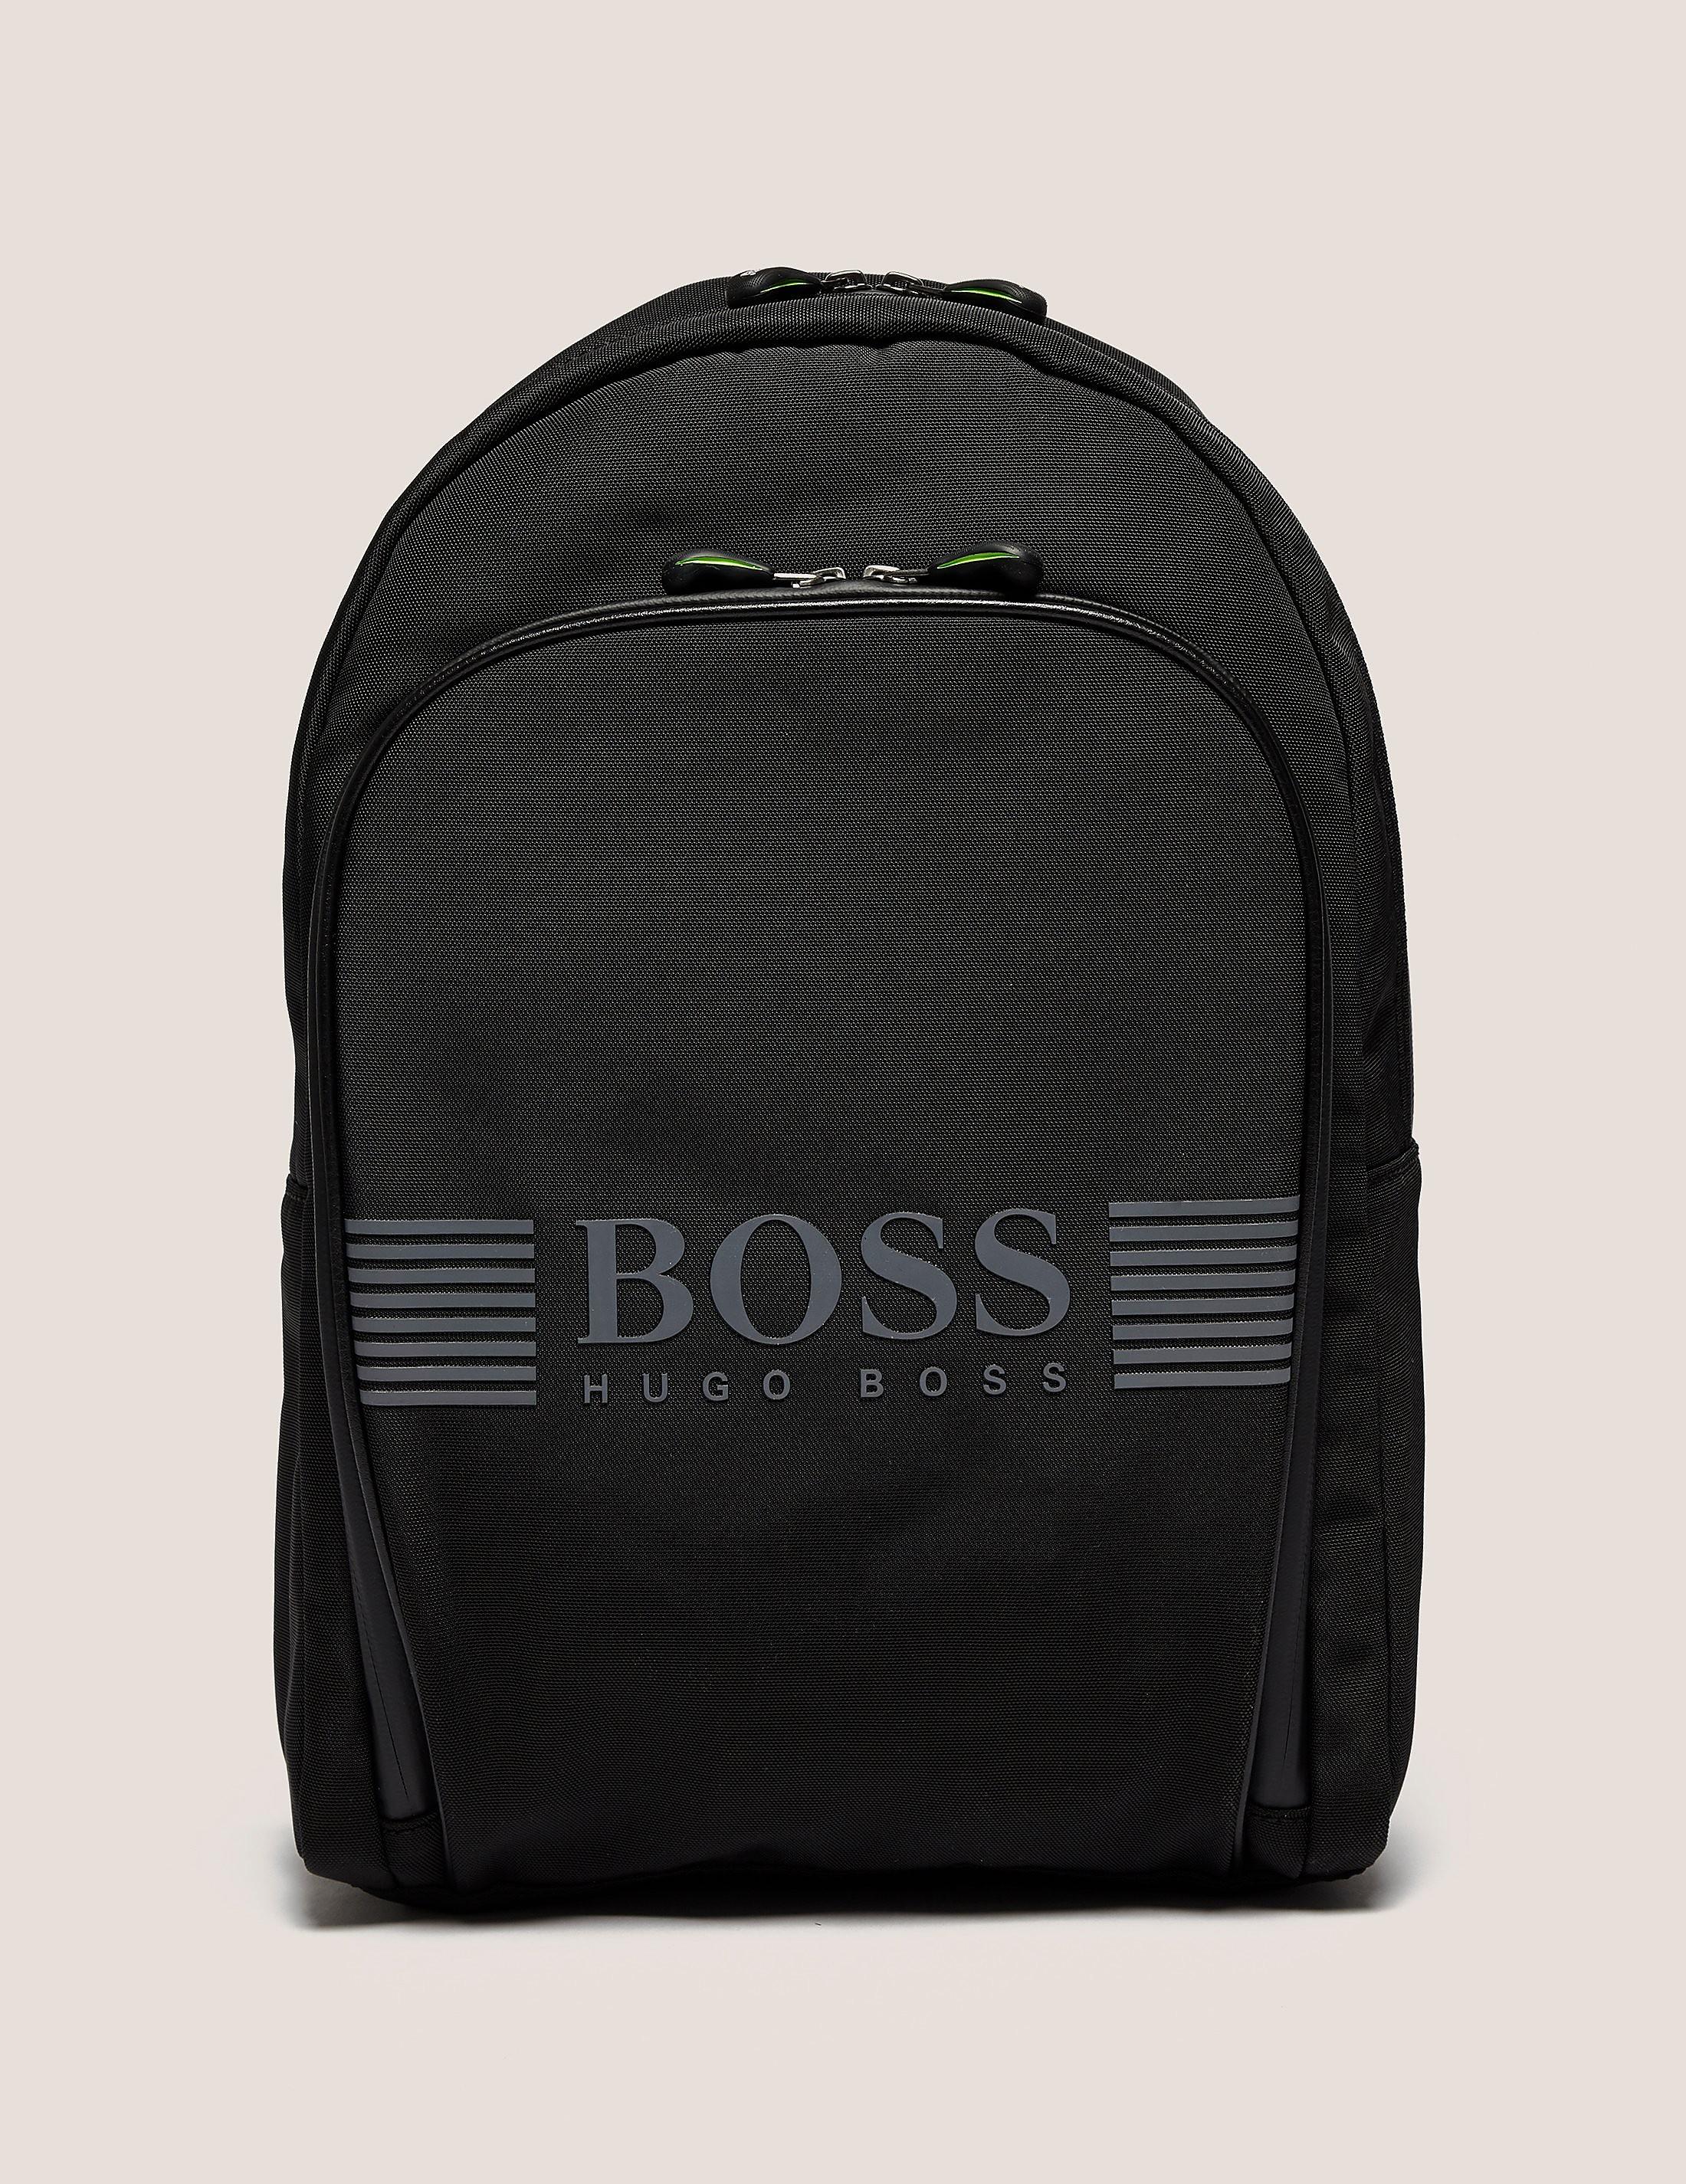 BOSS Green Pixel Backpack - Exclusive